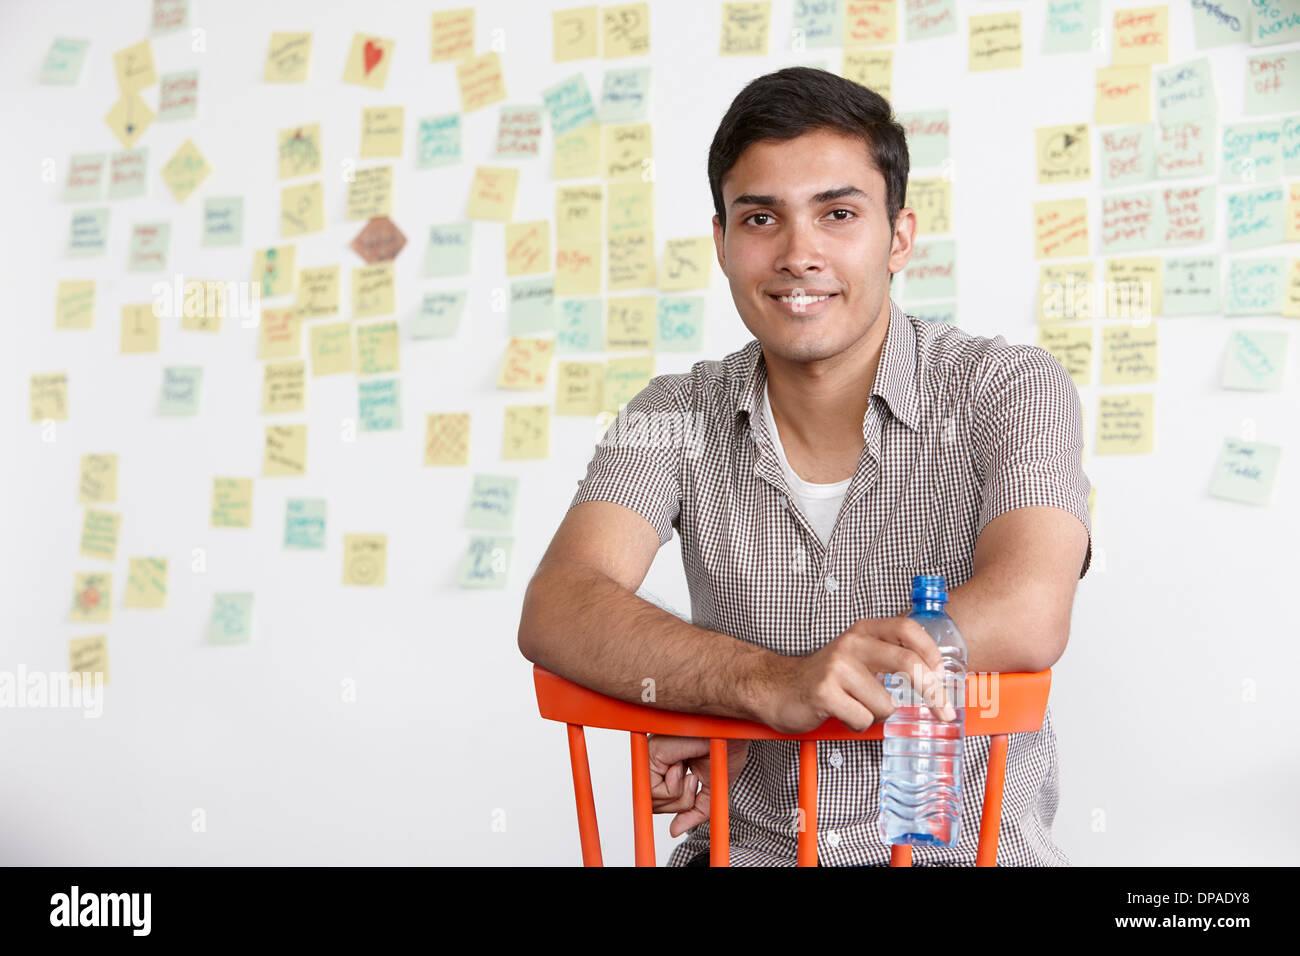 Portrait de jeune homme avec notes adhésives en arrière-plan Photo Stock